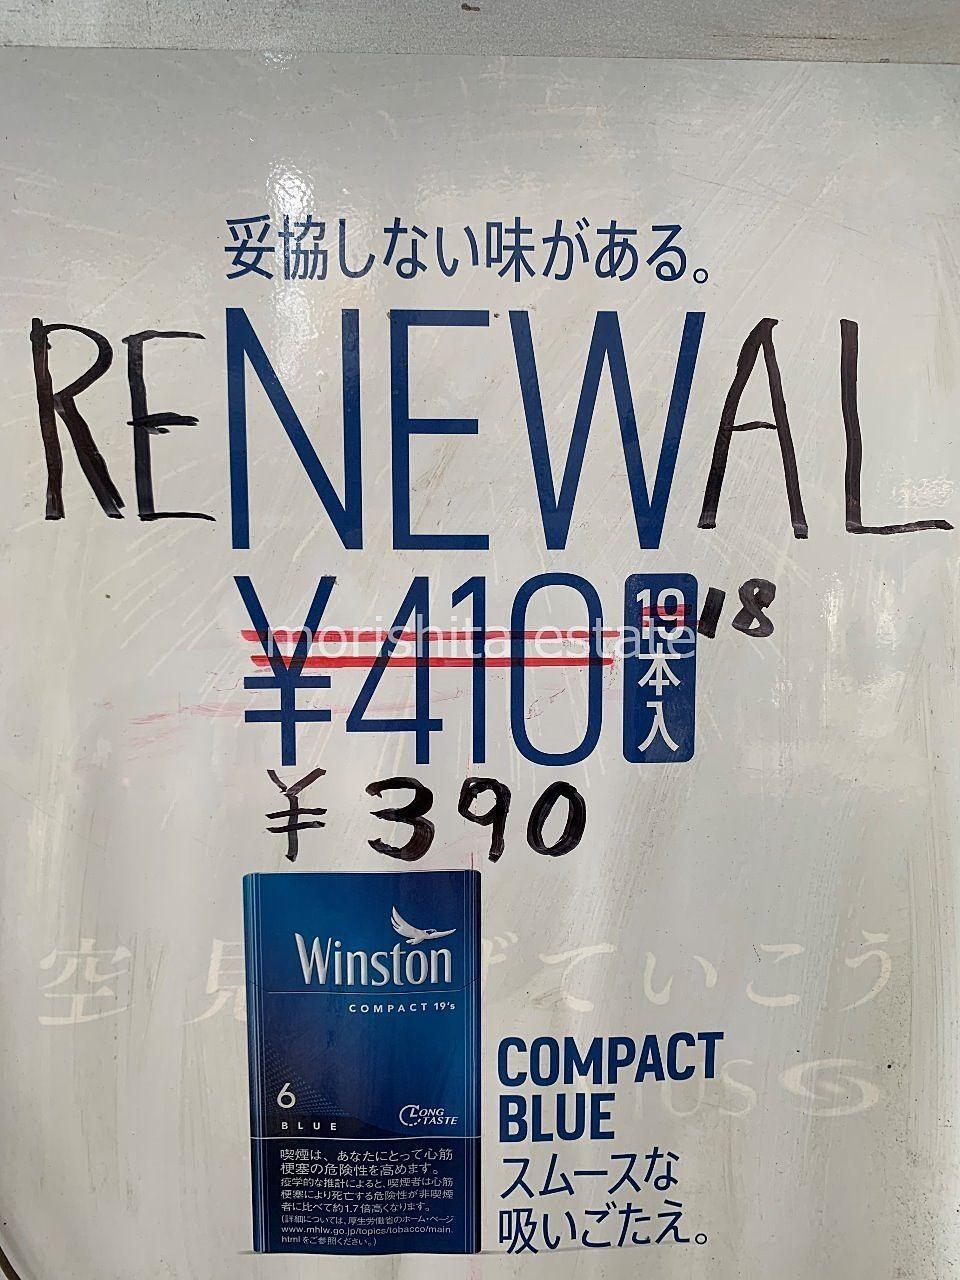 菊川 レアタバコ 販売機 リニューアル 写真